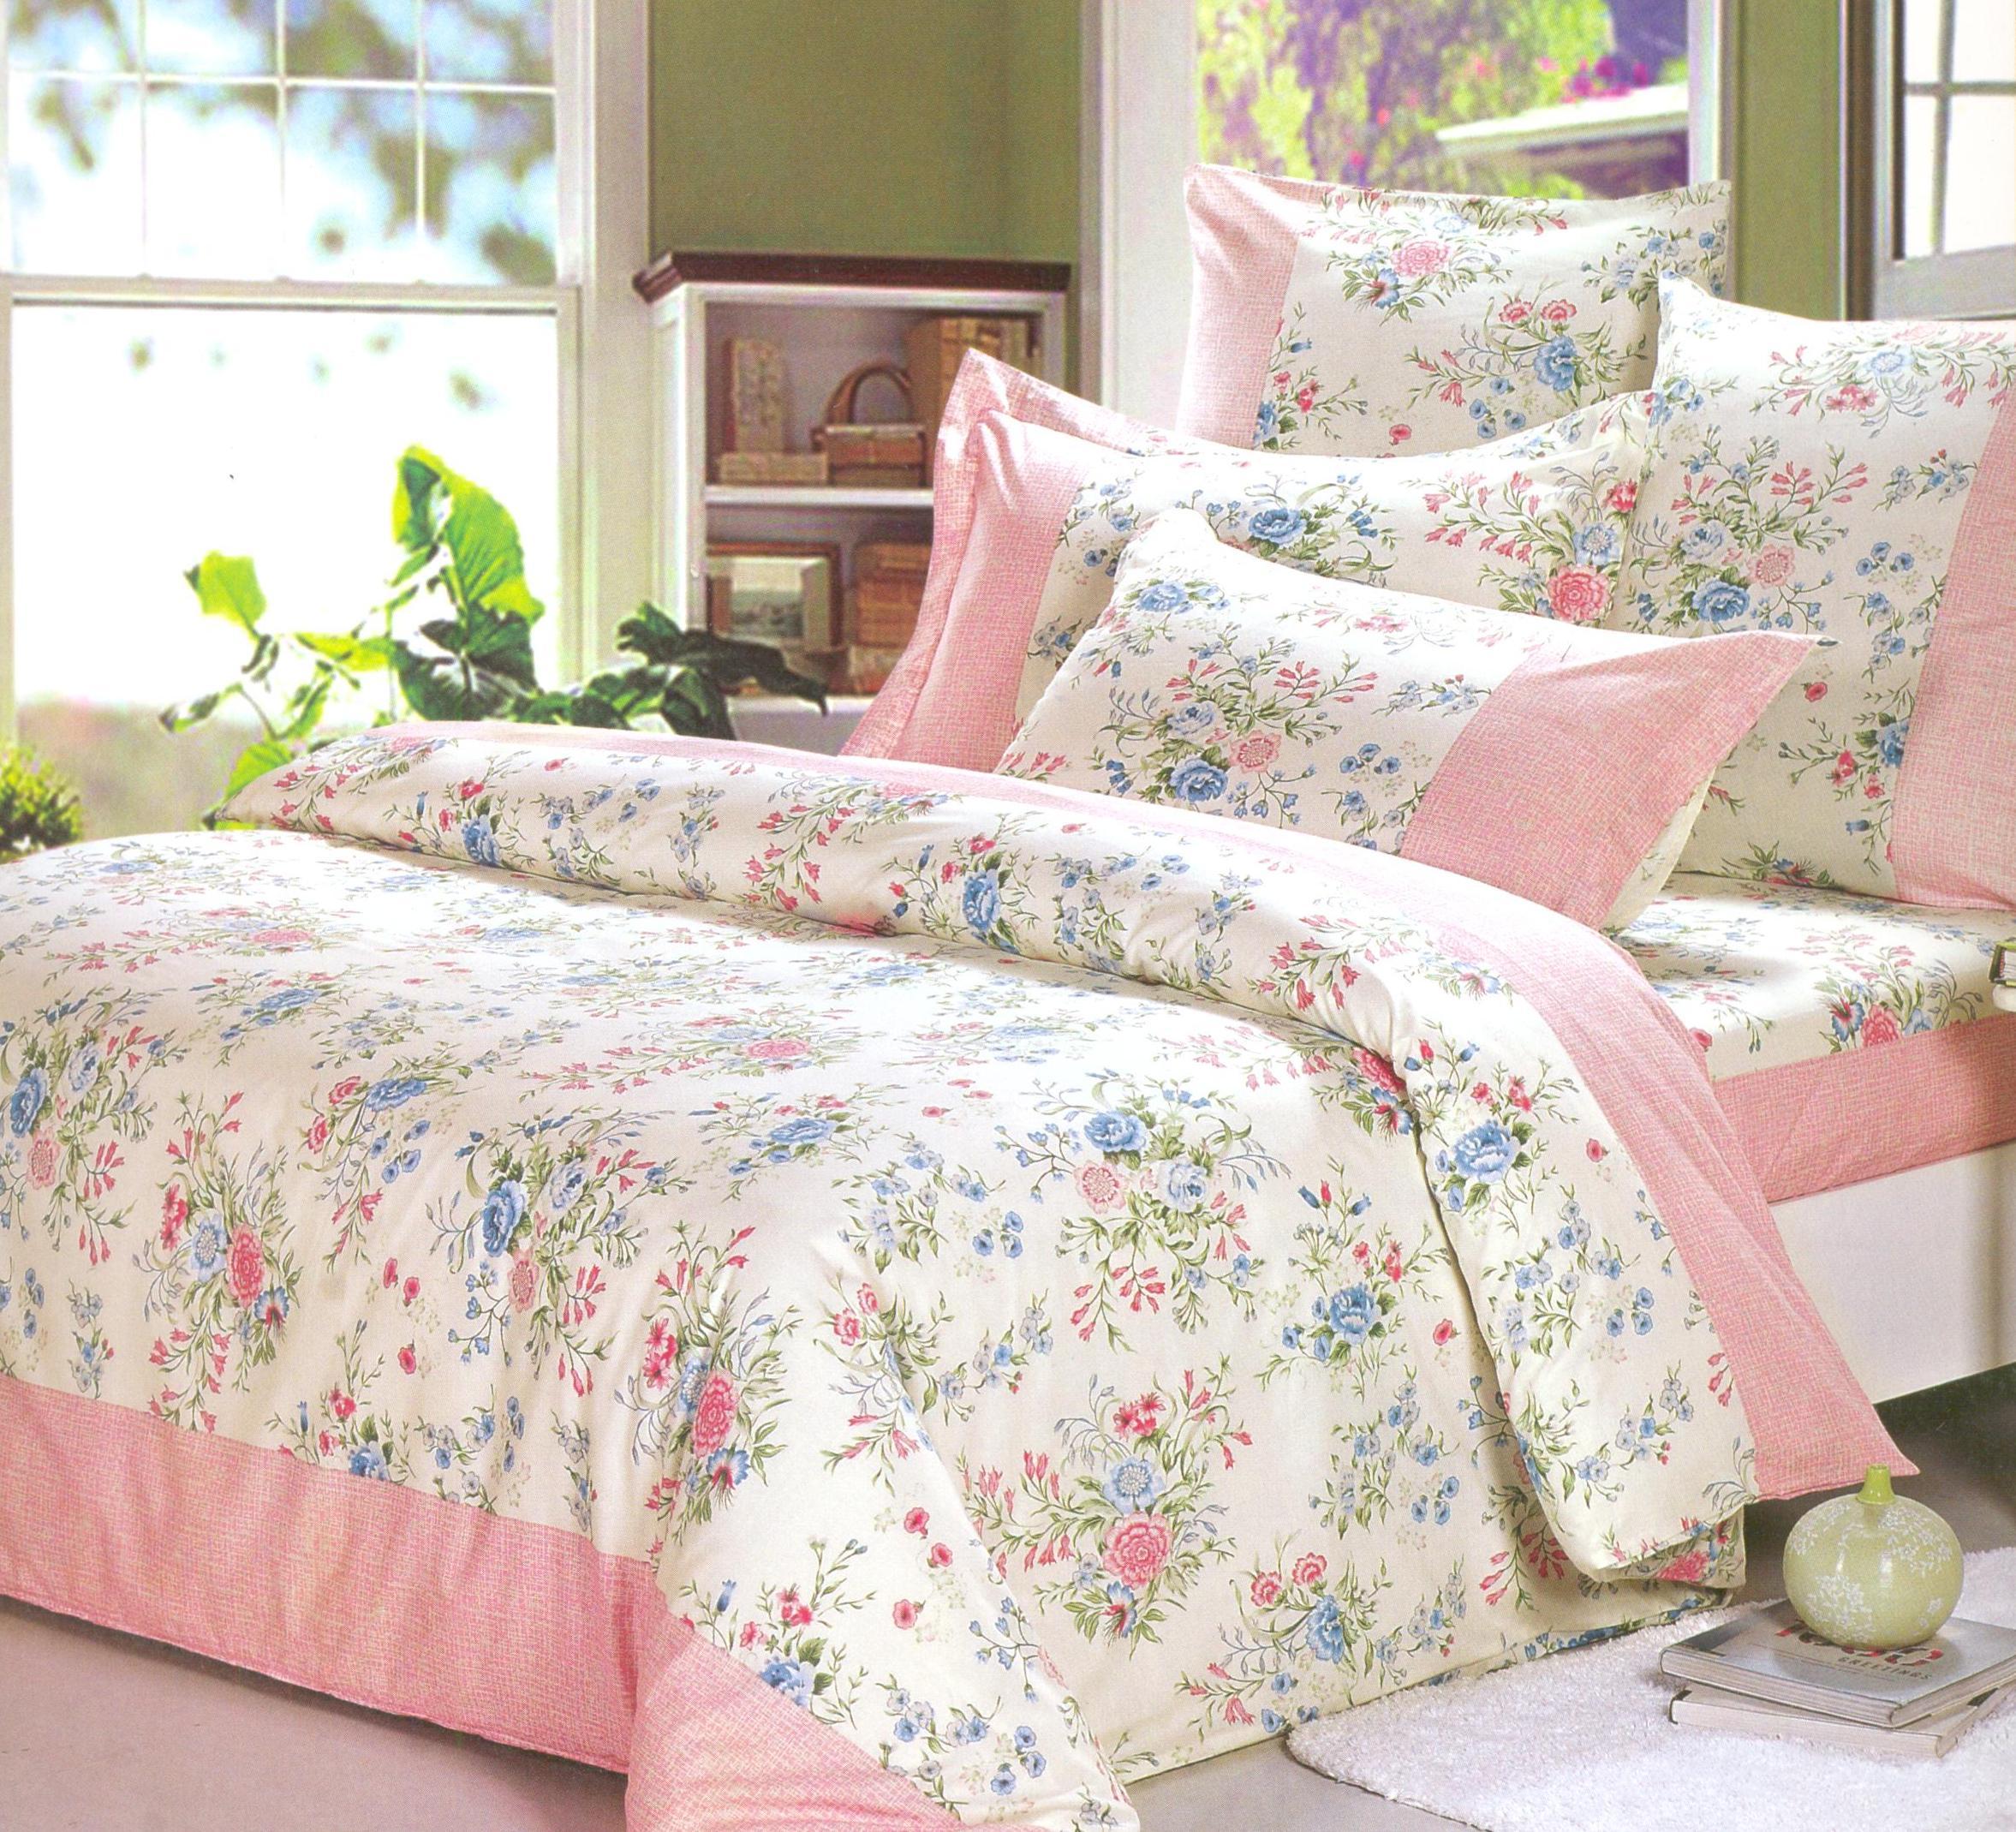 Купить Комплекты постельного белья СайлиД, Постельное белье Bezons А/s-158 (2 сп. евро), Китай, Розовый, Поплин